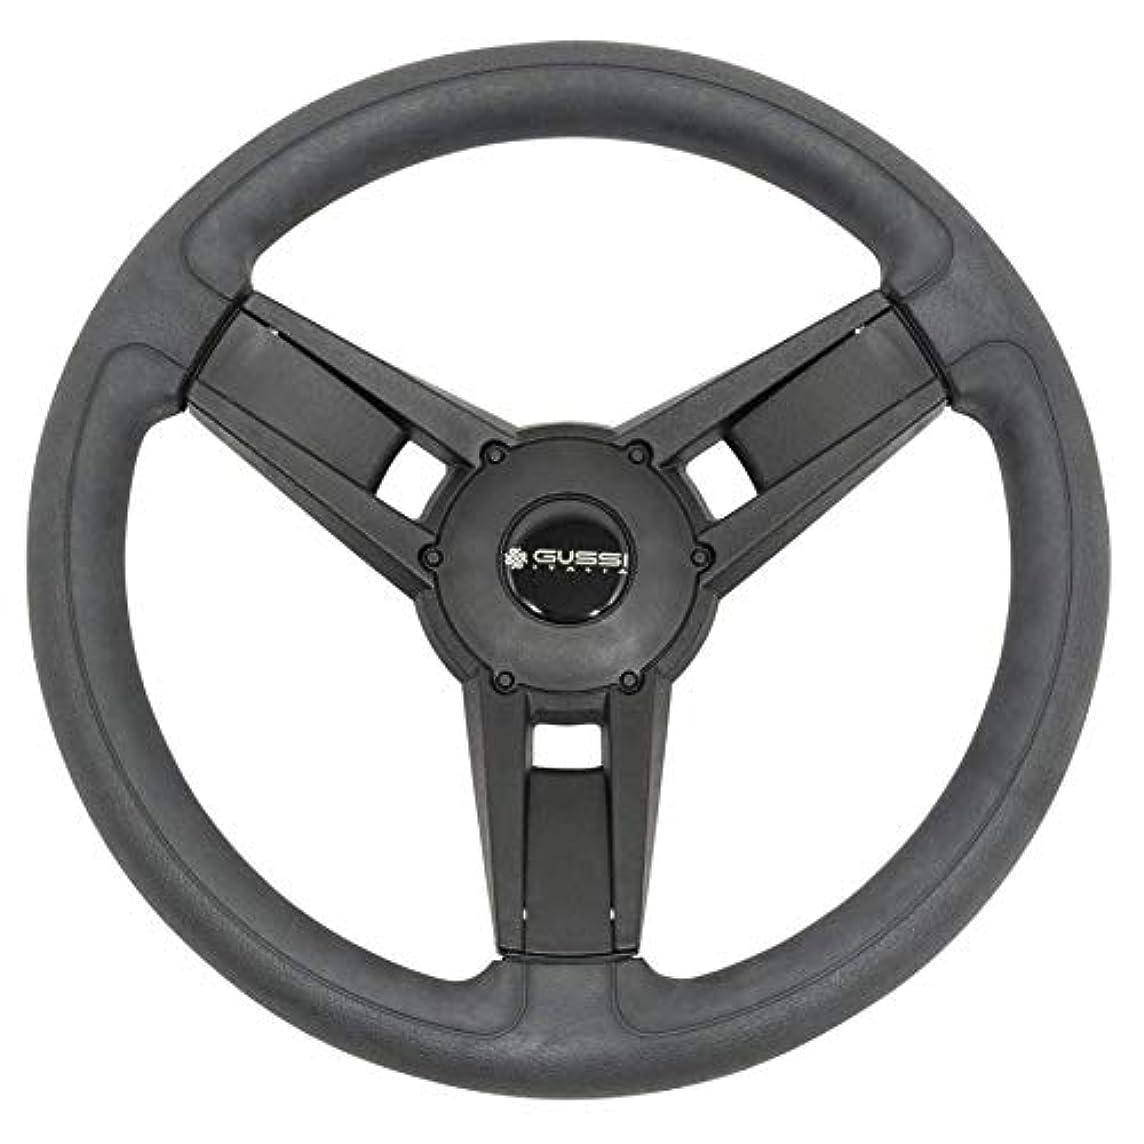 Gussi Italia Giazza Black Premium Italian-Made Steering Wheel for Golf Carts - Club Car, EZGO, Yamaha, Tomberlin - No Hub Adapter Needed